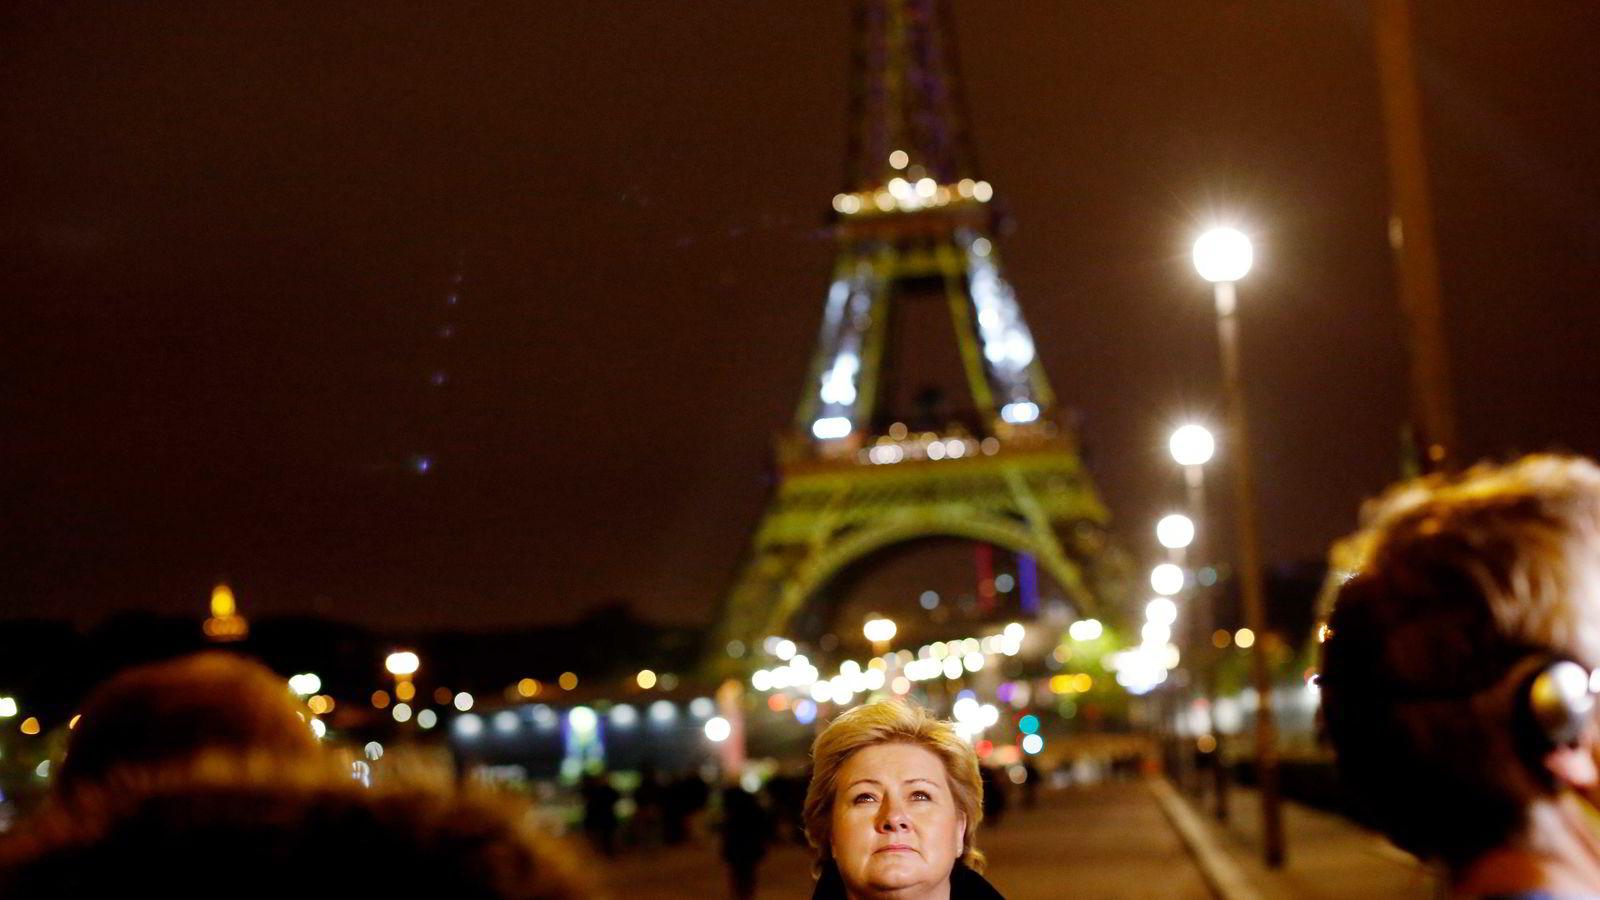 Statsminister Erna Solberg på Trocadero i Paris før klimatoppmøtet. Foto: Øyvind Elvsborg